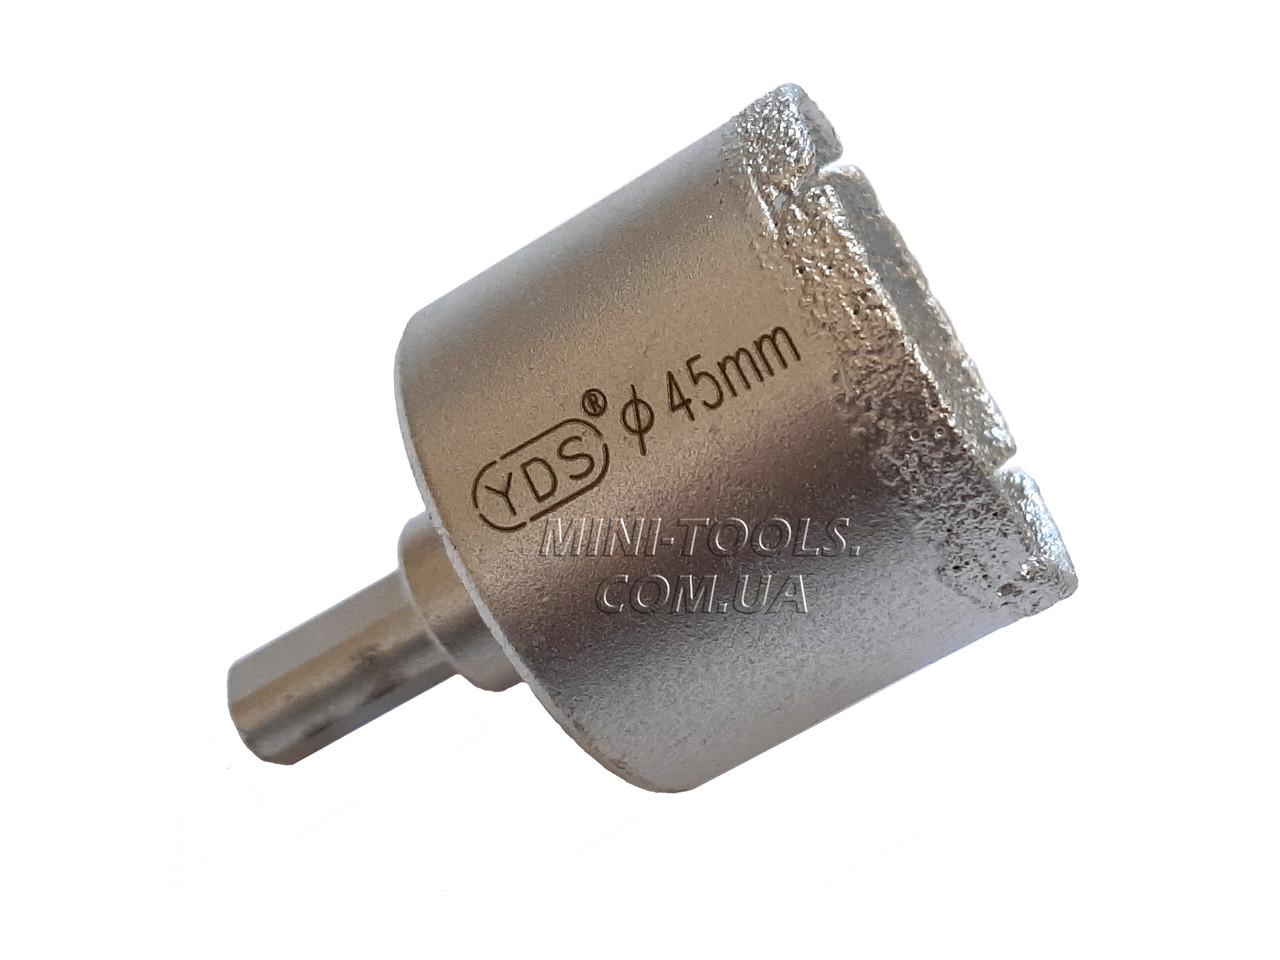 Спеченная алмазна коронка Ø 45 mm. YDS Tools